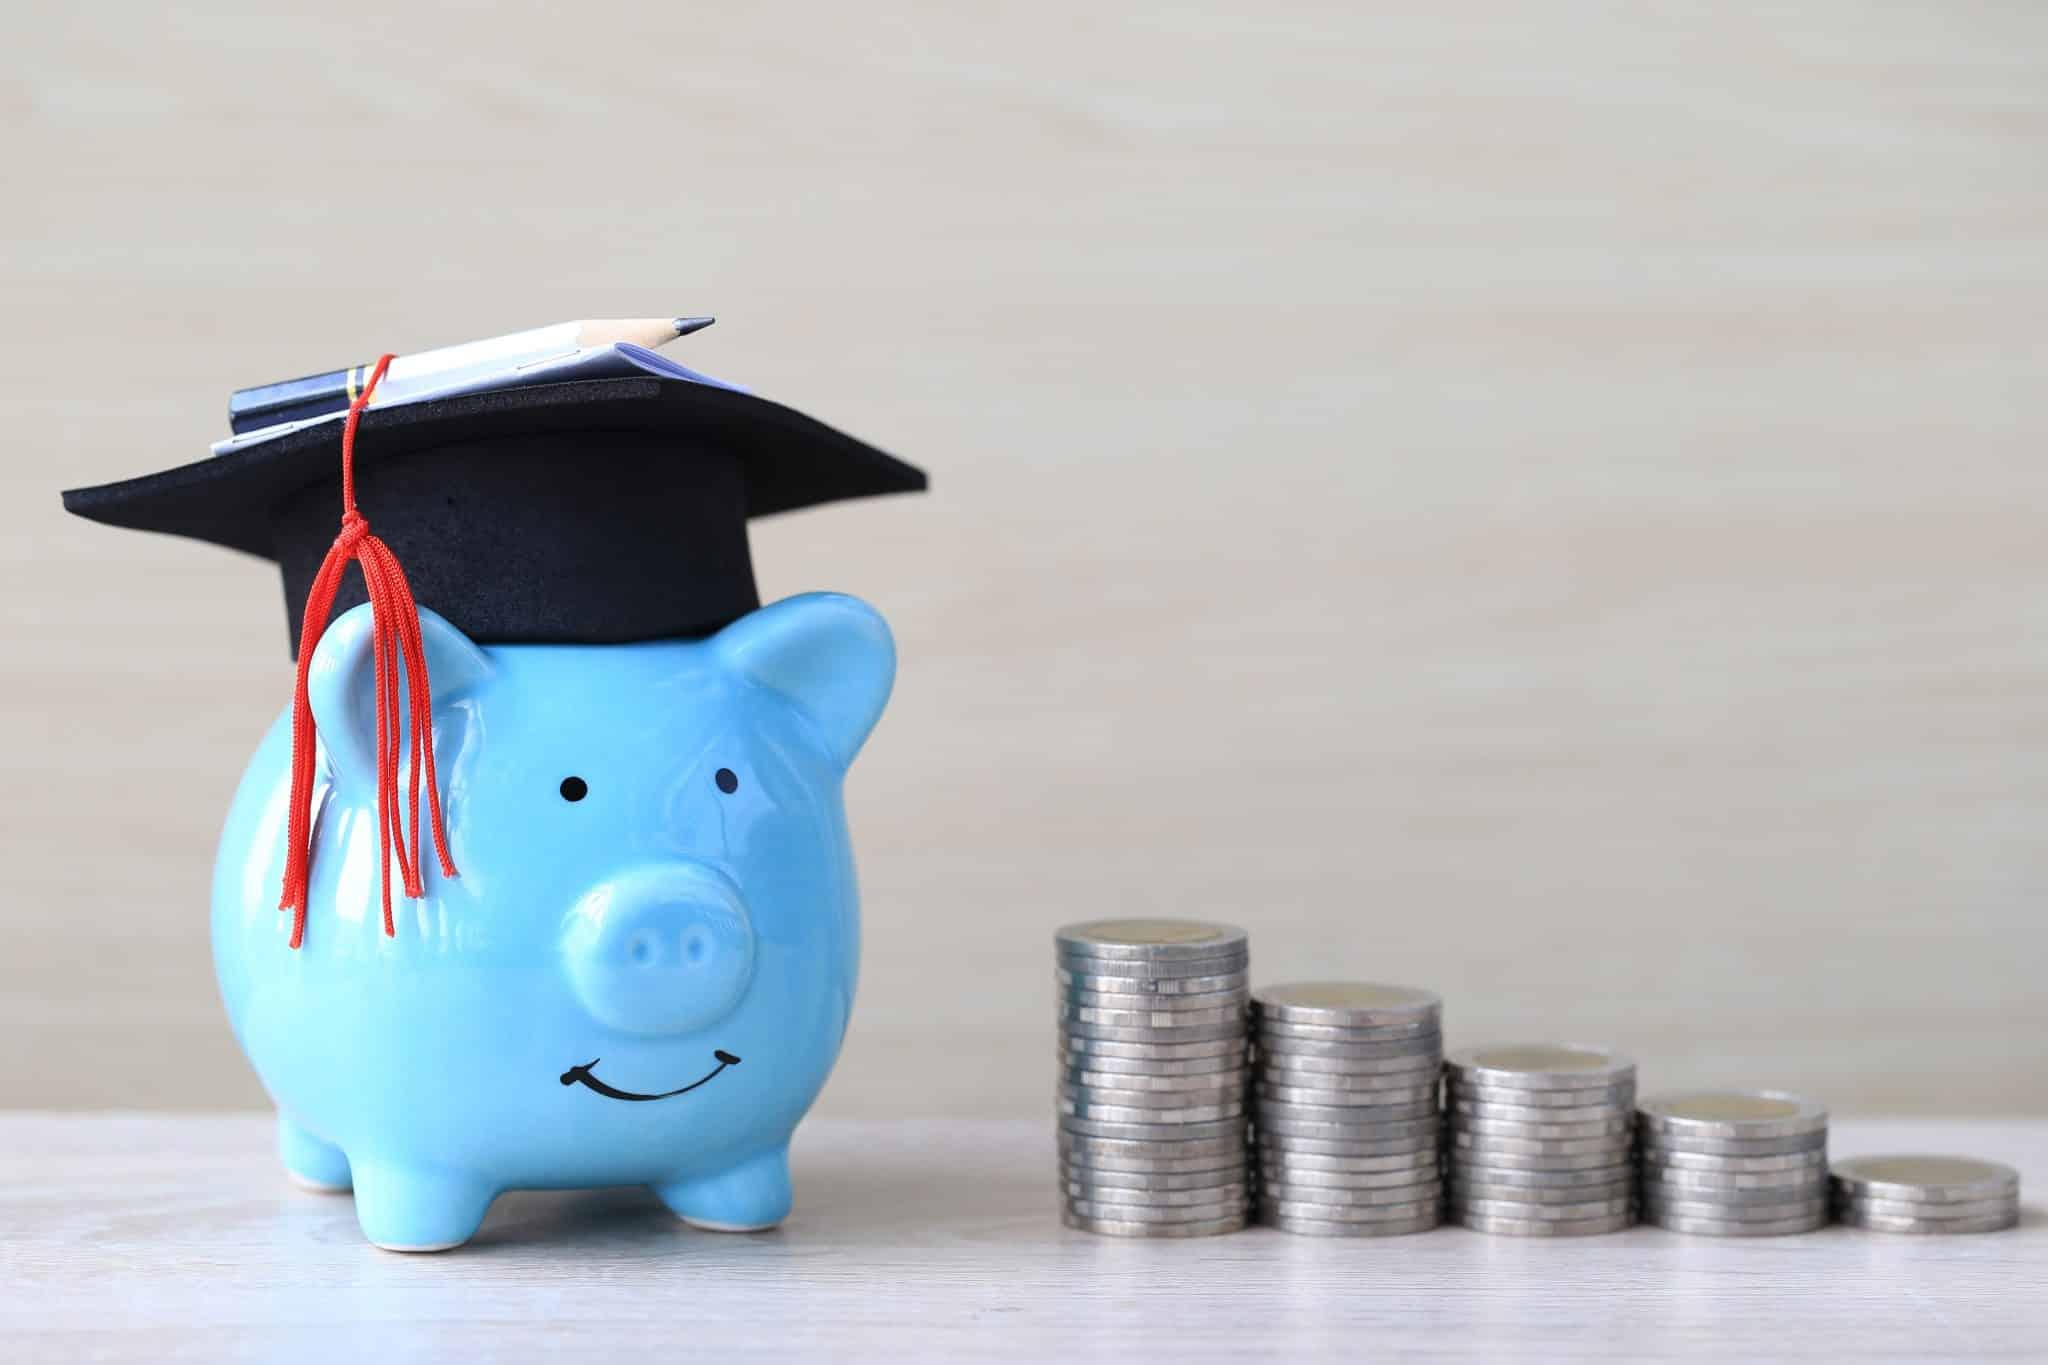 Rentrée 2021 : Quelles sont les aides financières pour les étudiants